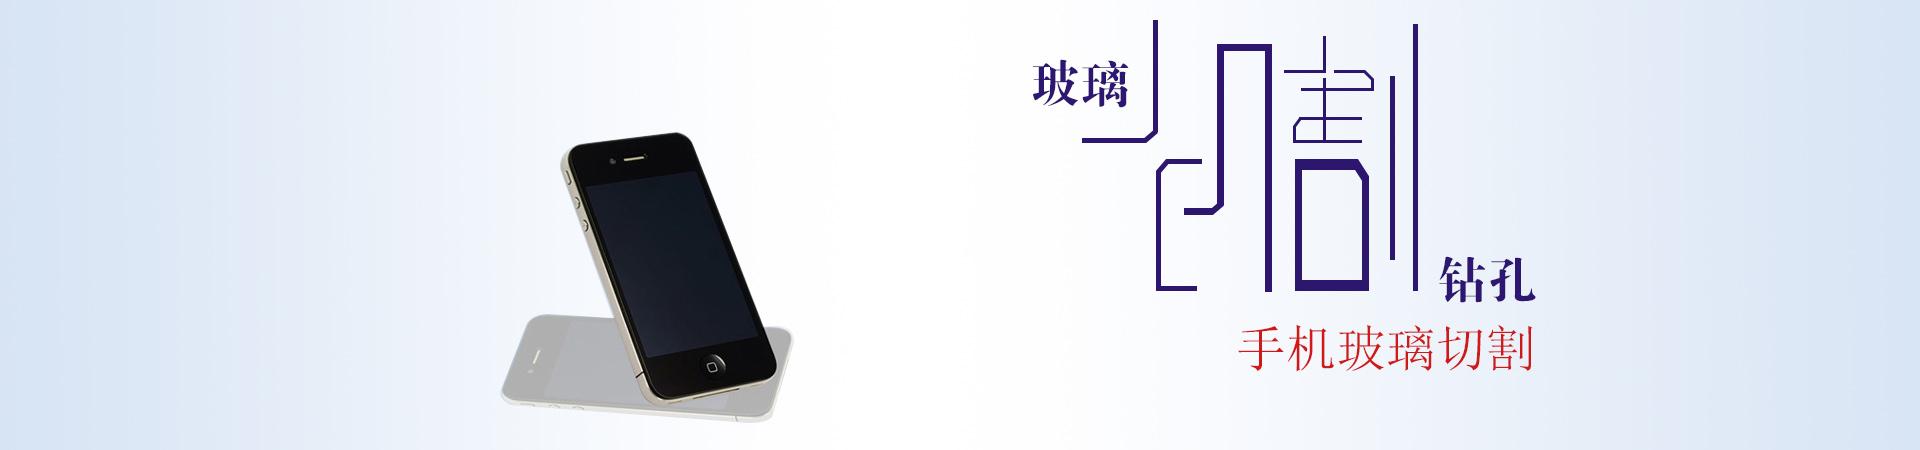 上海致凯捷激光科技有限公司企业形象图片